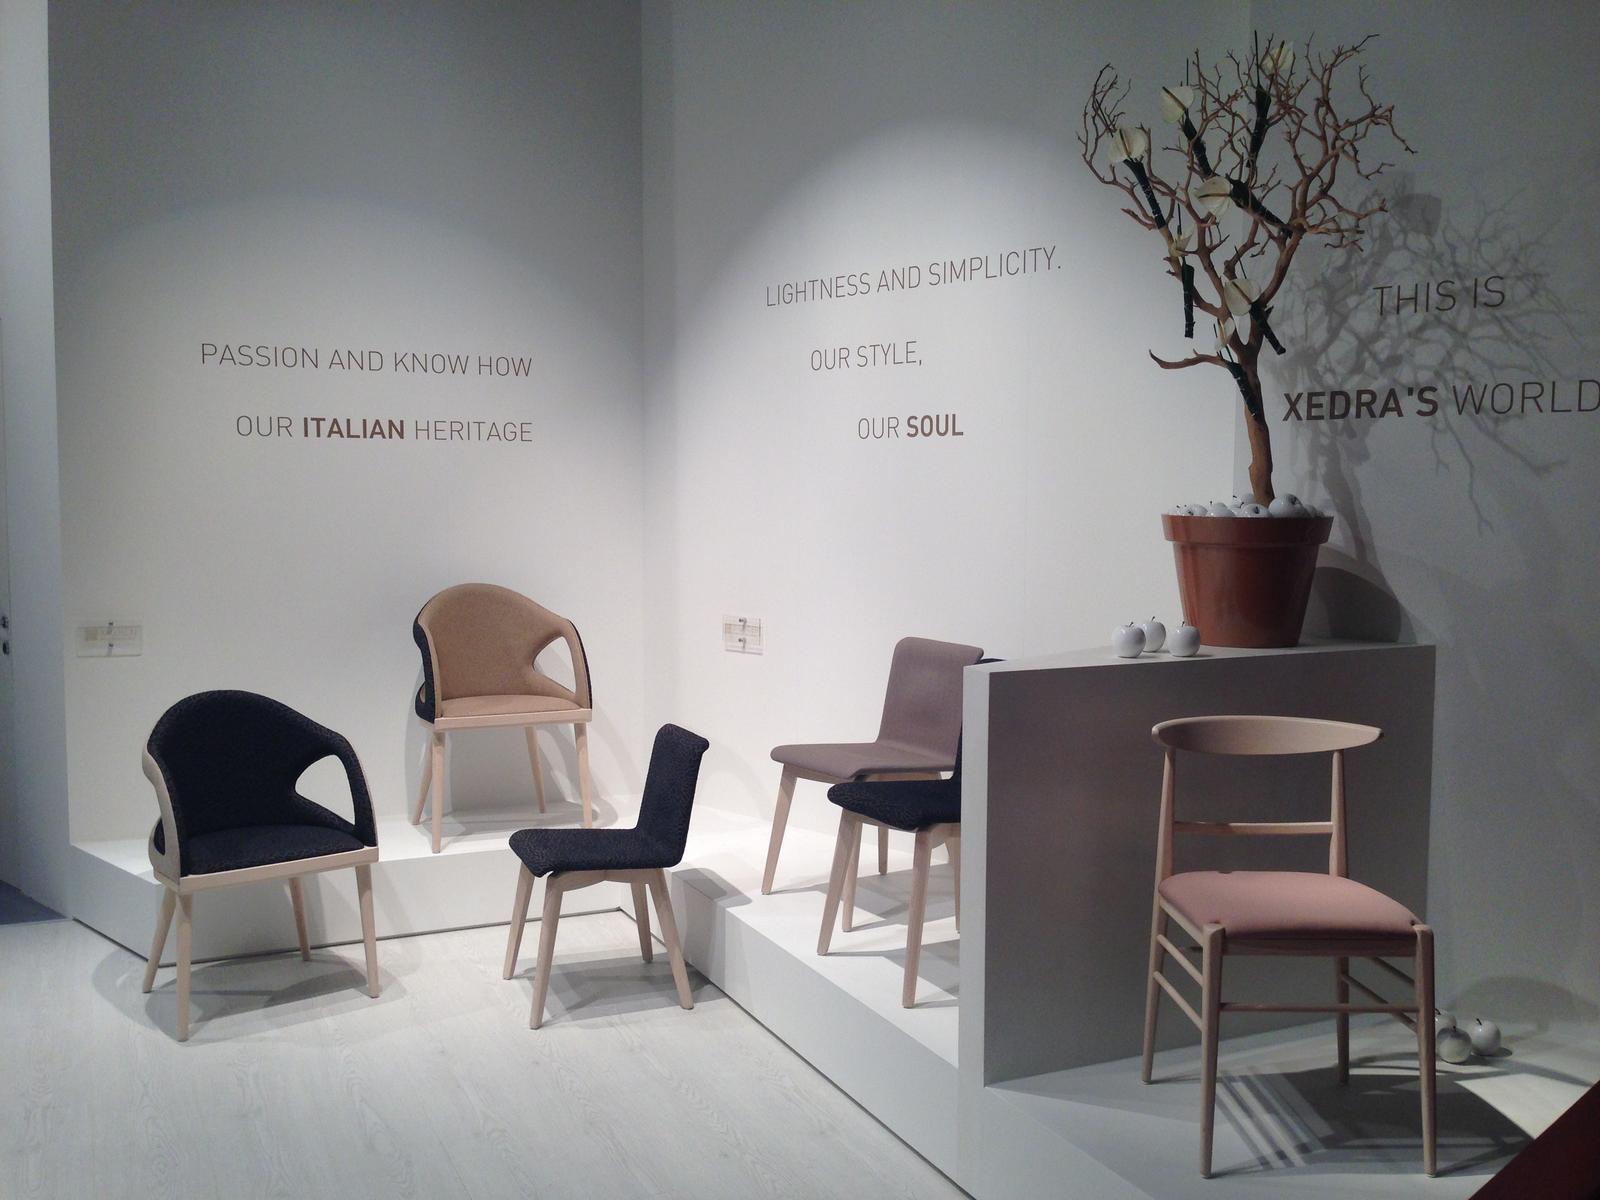 Milano - Salone del Mobile 2015 - Obrázek č. 23